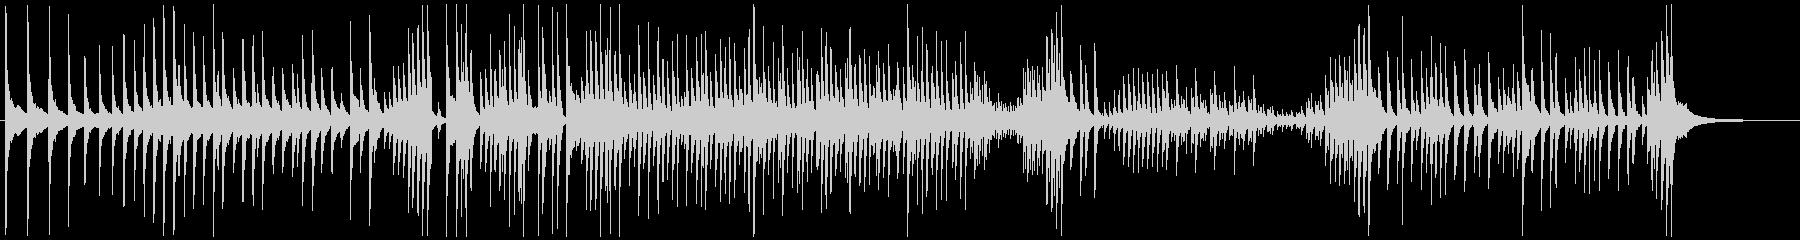 津軽三味線ソロ-E、激しい、疾走、声入りの未再生の波形